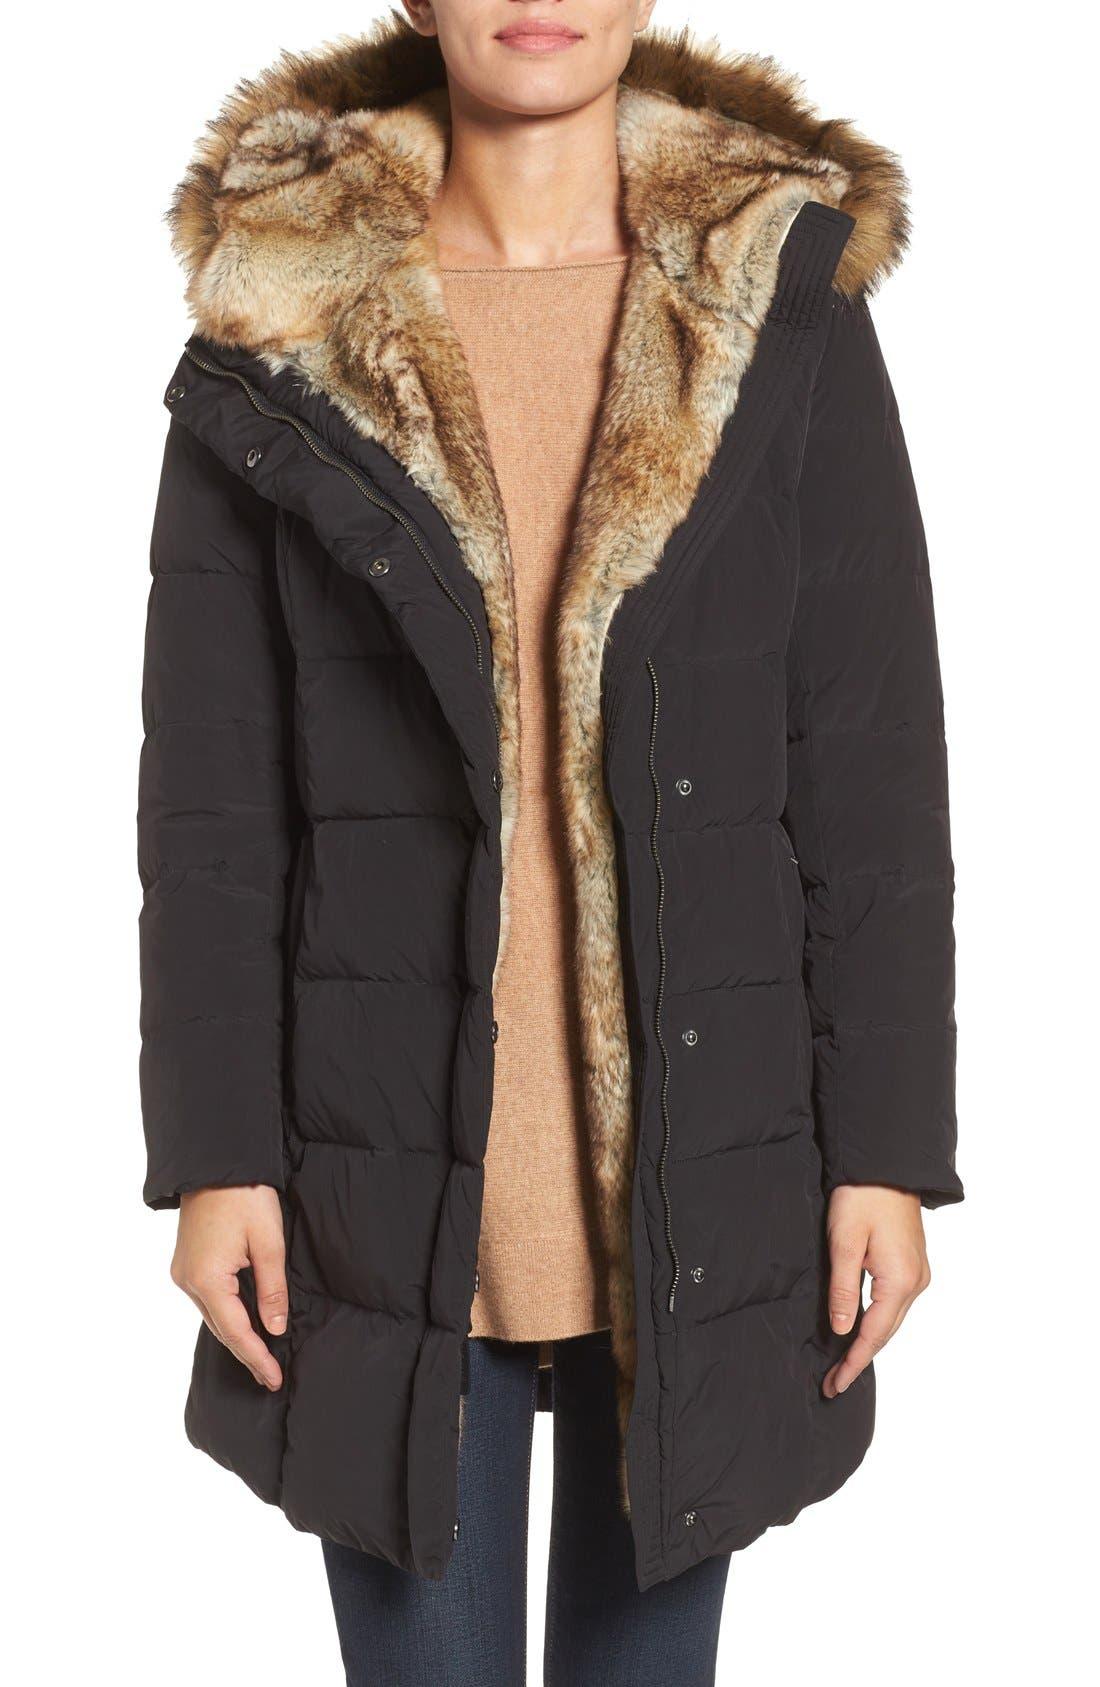 Asymmetrical Down Coat with Faux Fur Trim, Main, color, 001